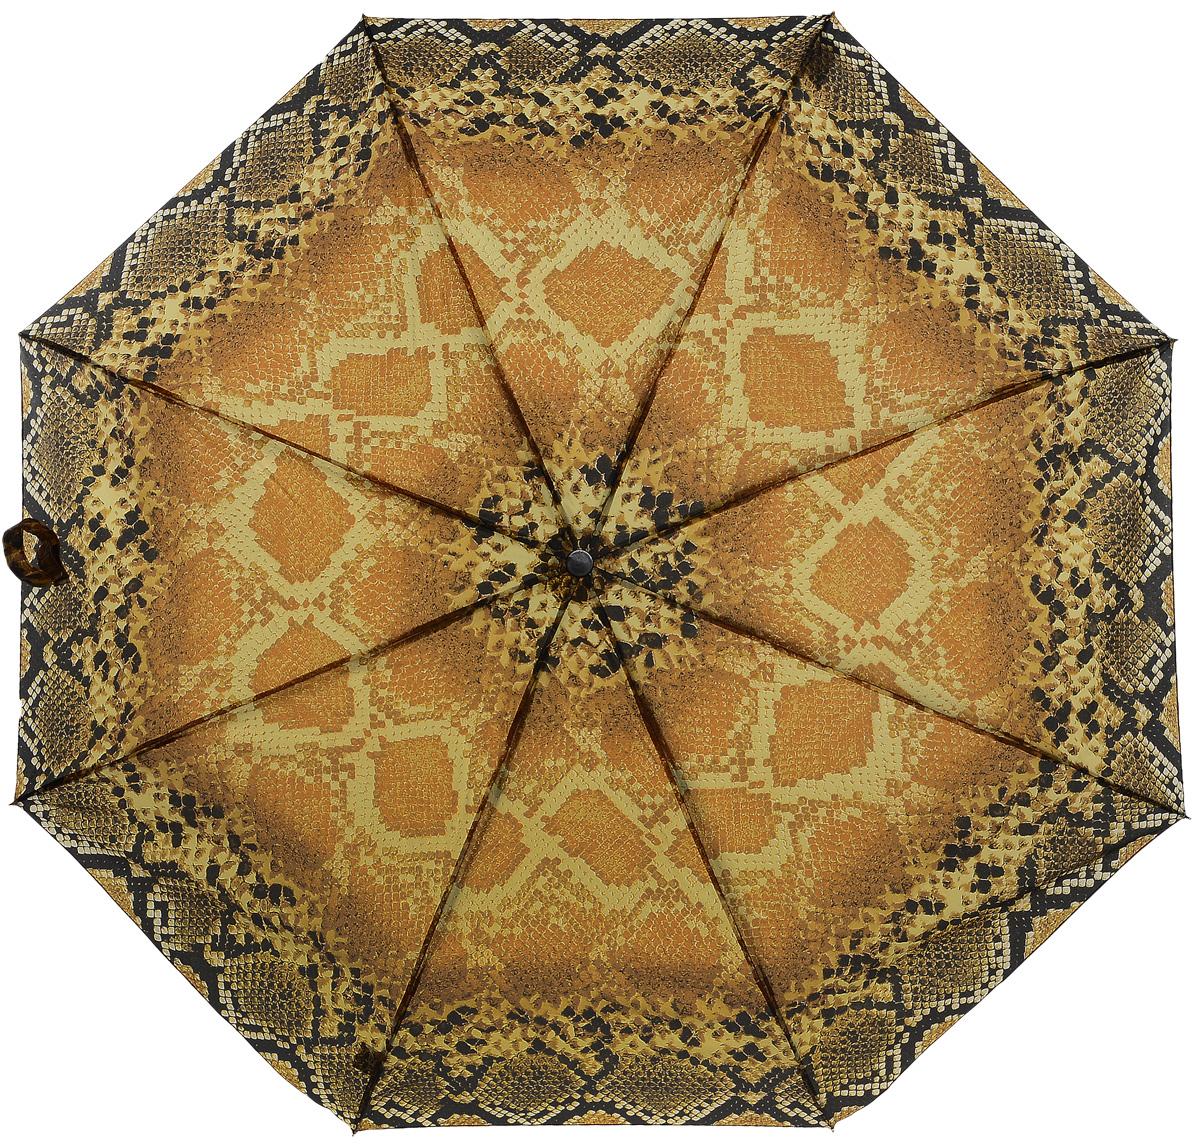 Зонт женский Prize, механический, 3 сложения, цвет: оранжевый, шоколадный. 355-084355-084Классический женский зонт в 3 сложения с механической системой открытия и закрытия. Удобная ручка выполнена из пластика. Модель зонта выполнена в стандартном размере. Данная модель пердставляет собой эконом класс.